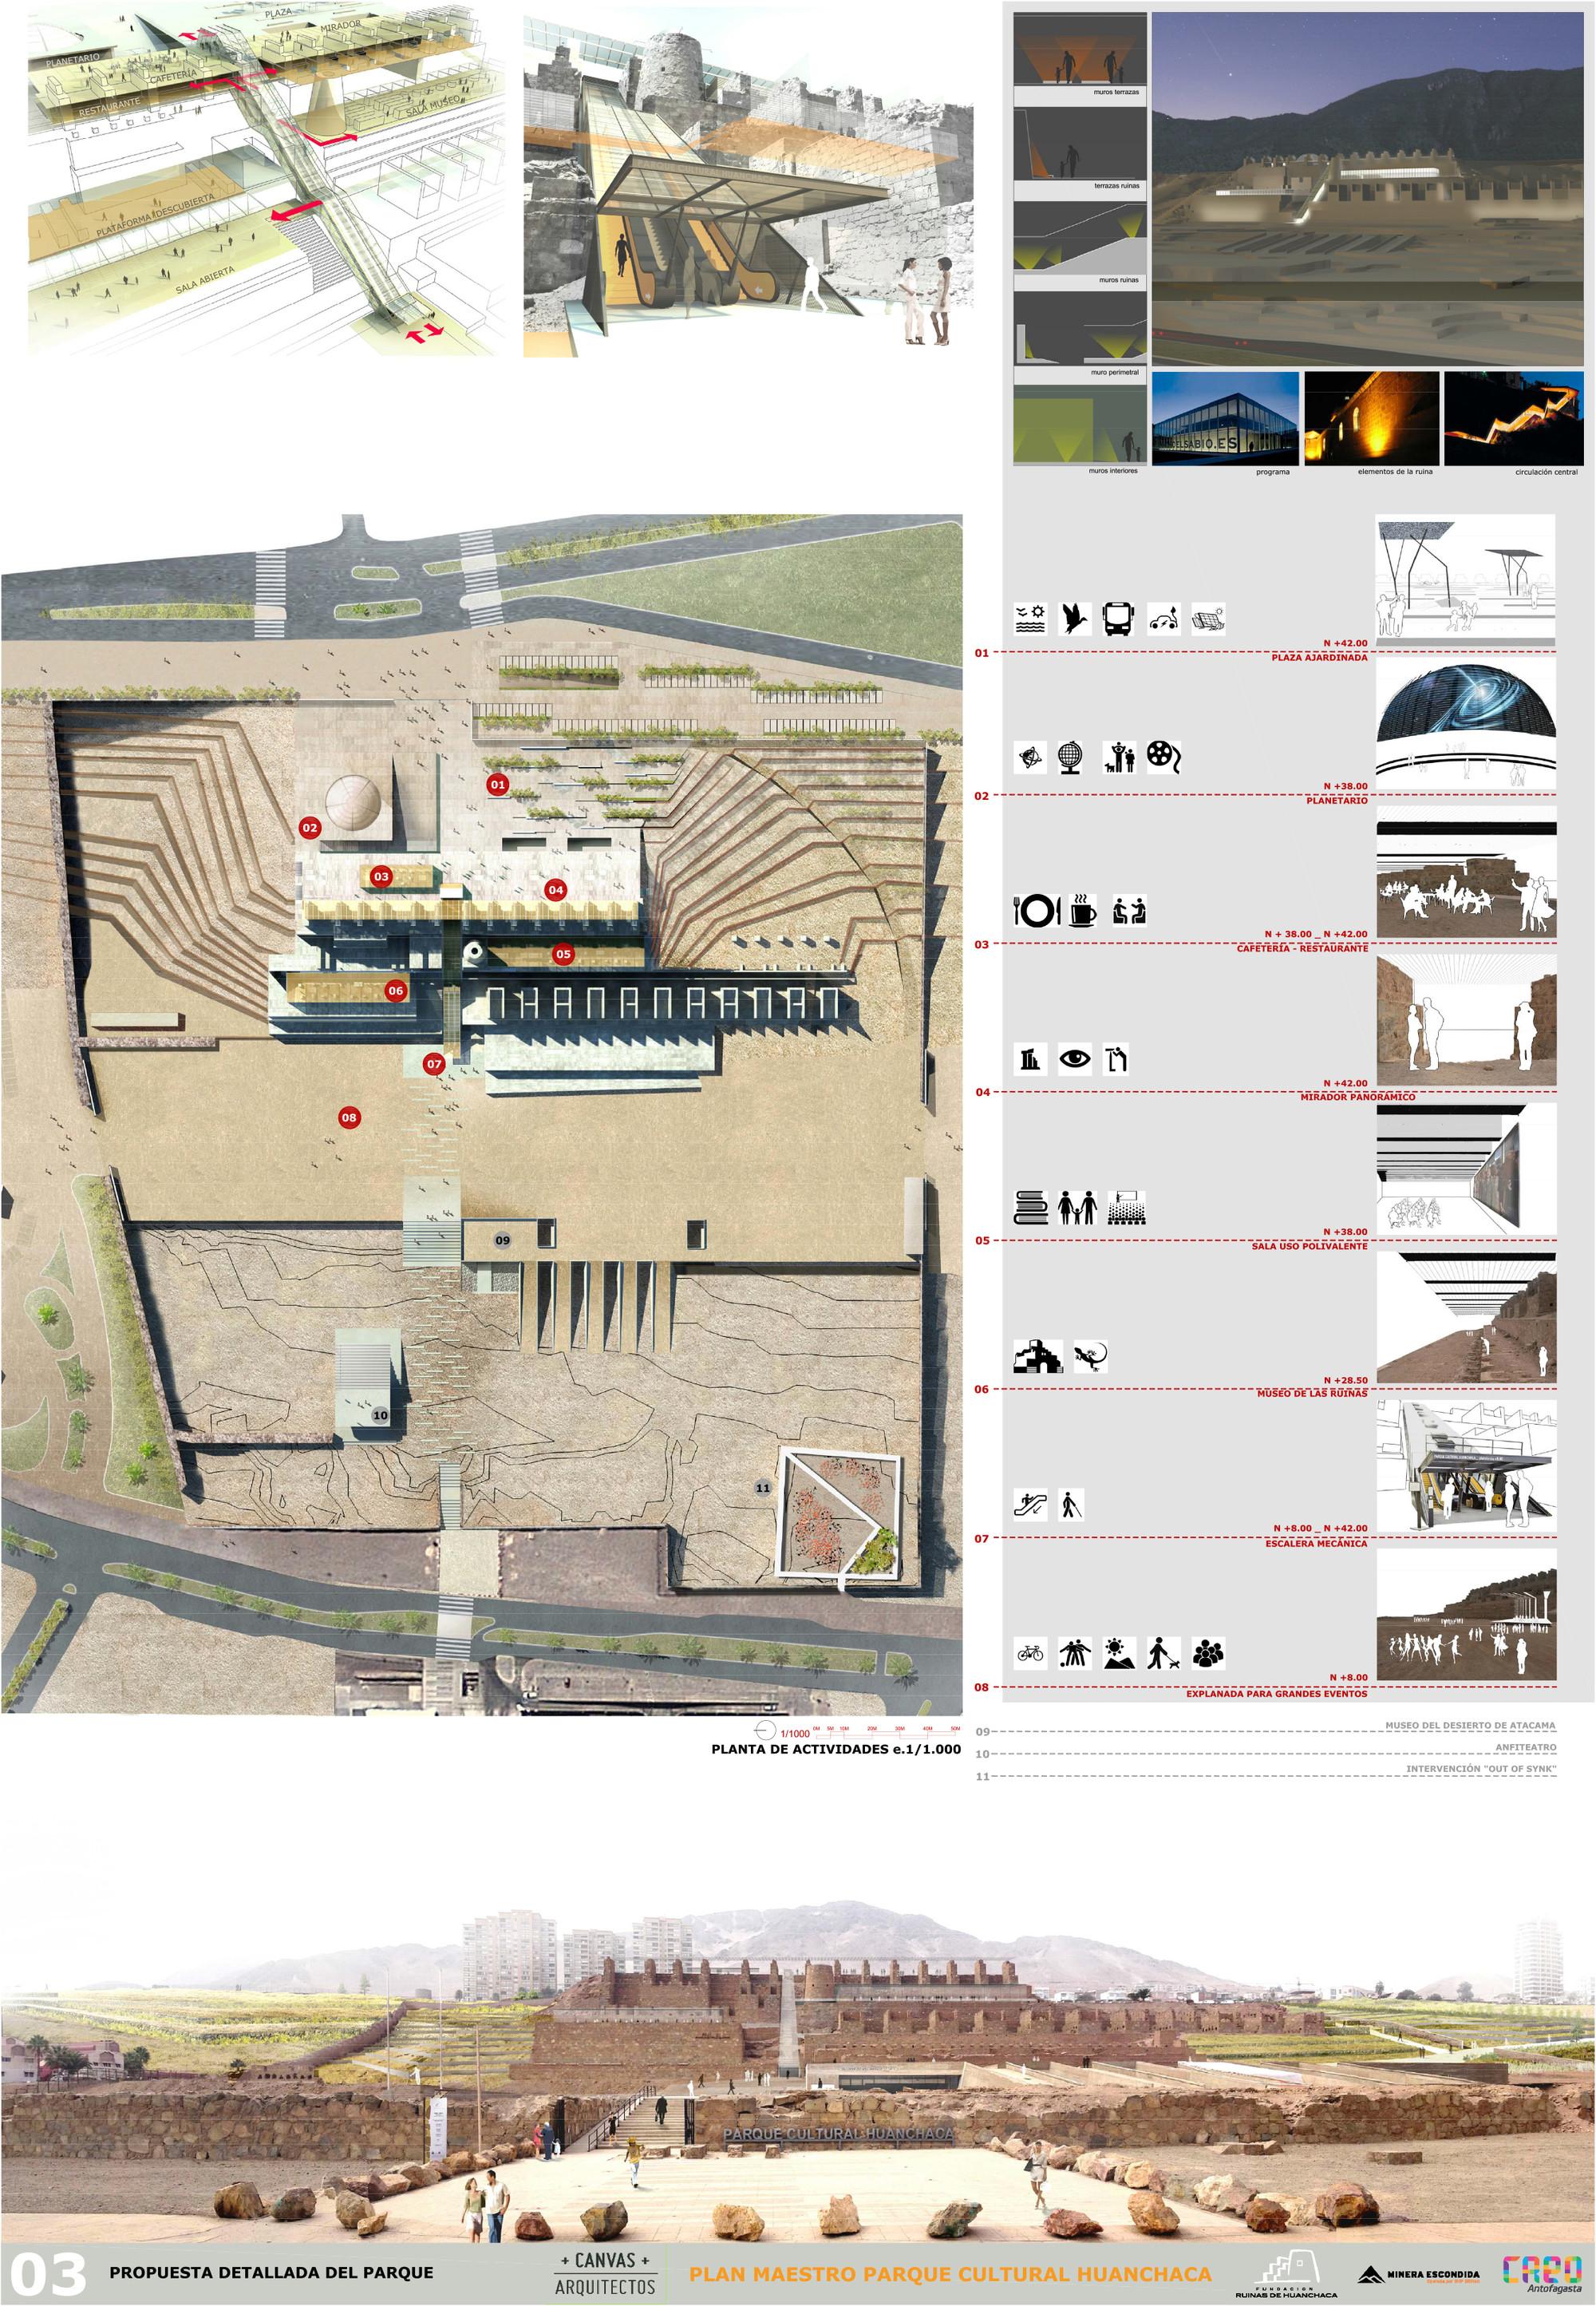 Resultados del proyecto Plan Maestro Parque Cultural Huanchaca / Antofagasta, Chile